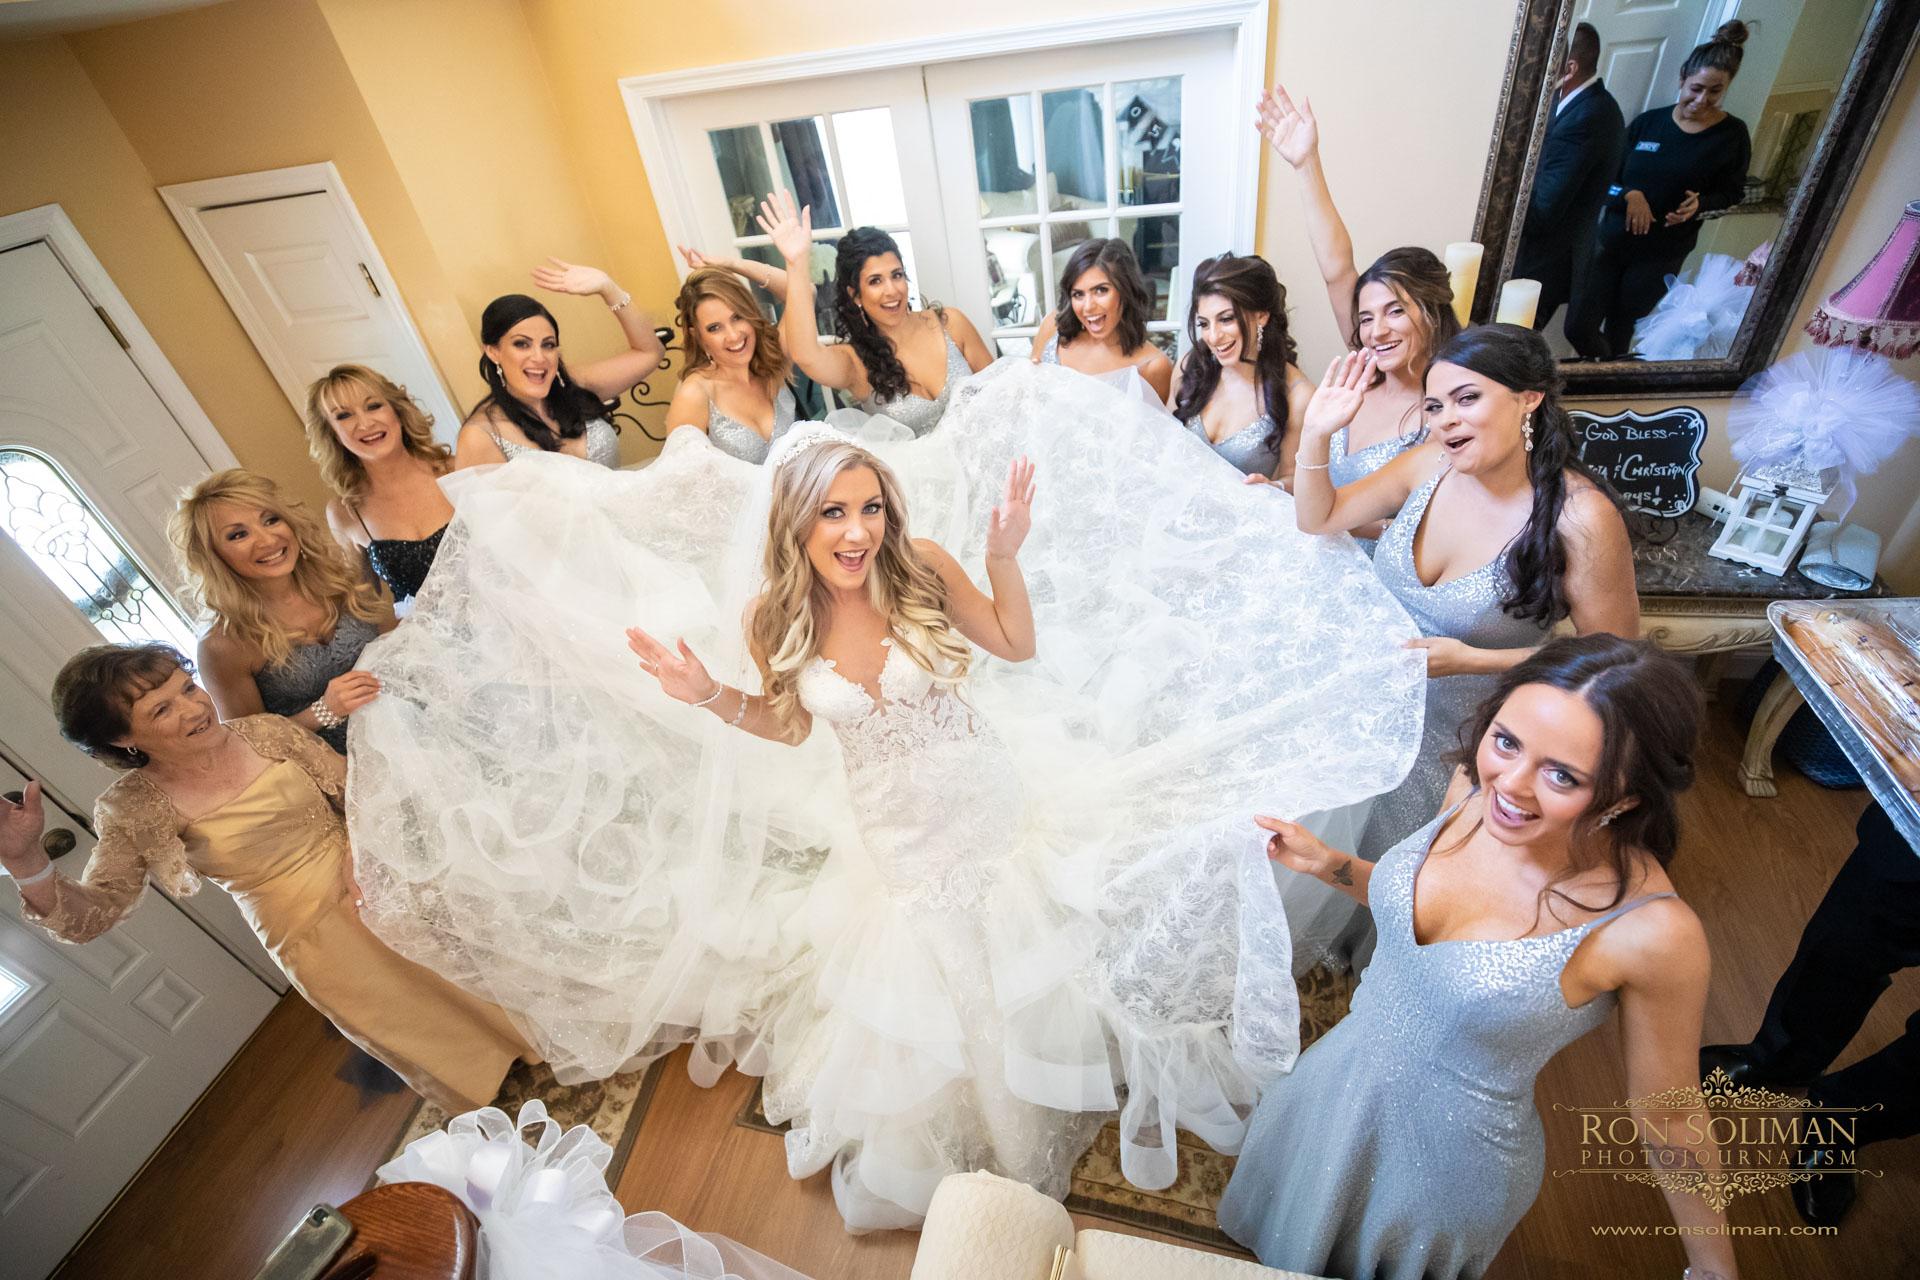 WESTMOUNT COUNTRY CLUB WEDDING 10